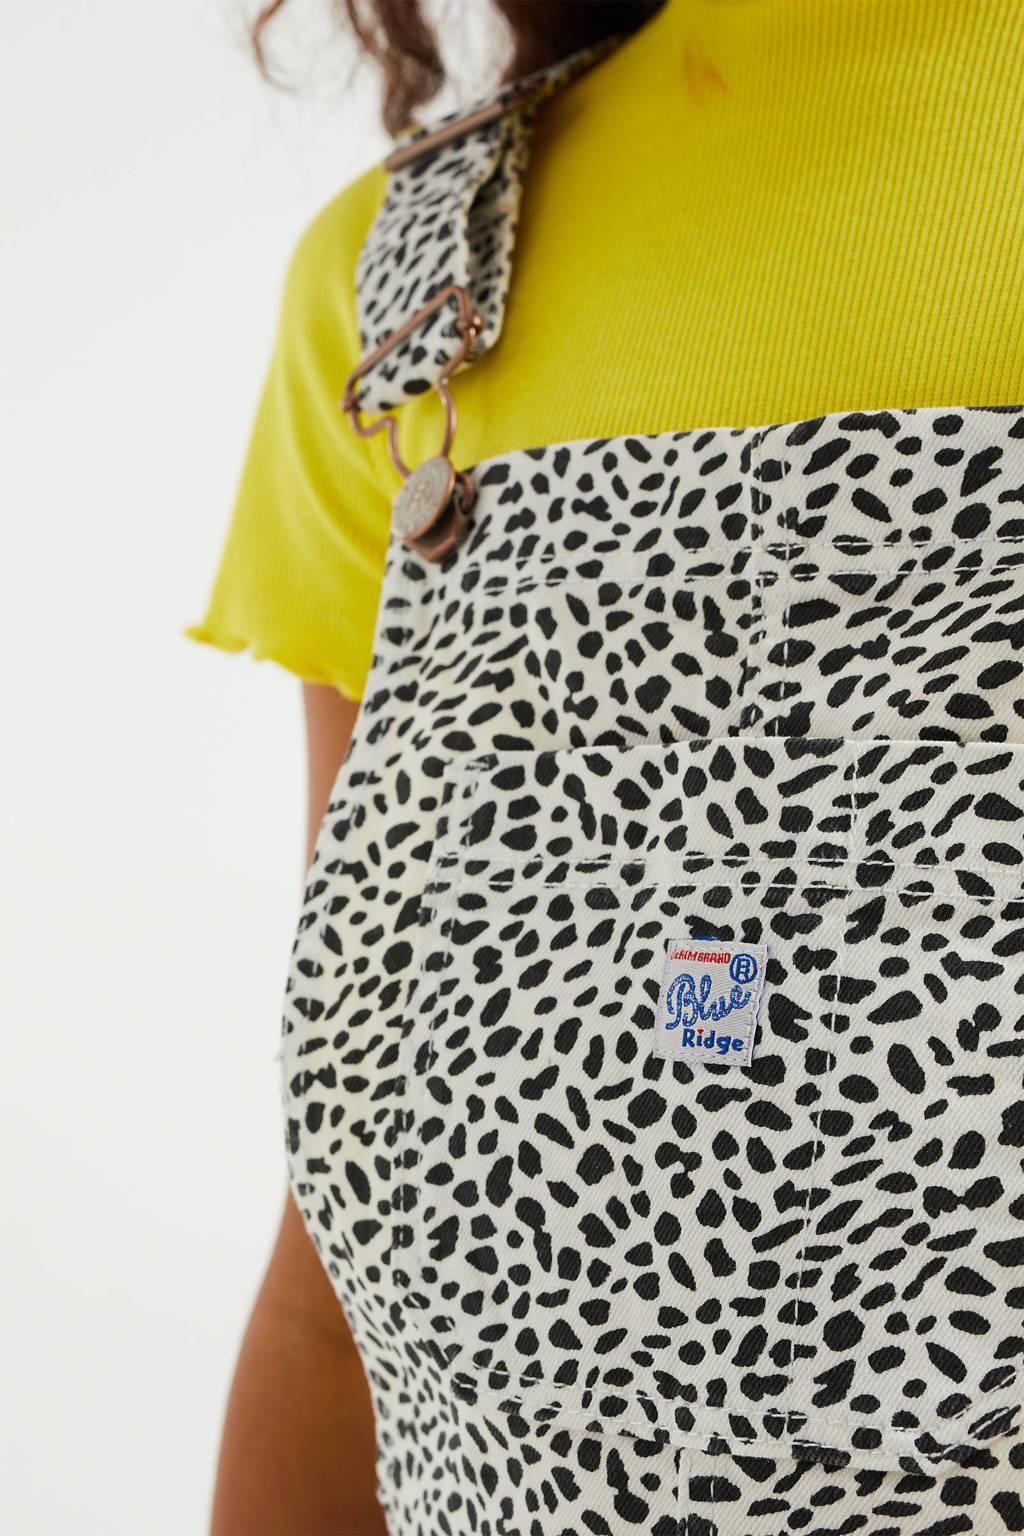 WE Fashion Blue Ridge slim fit tuinbroek met all over print beige/zwart, Beige/zwart